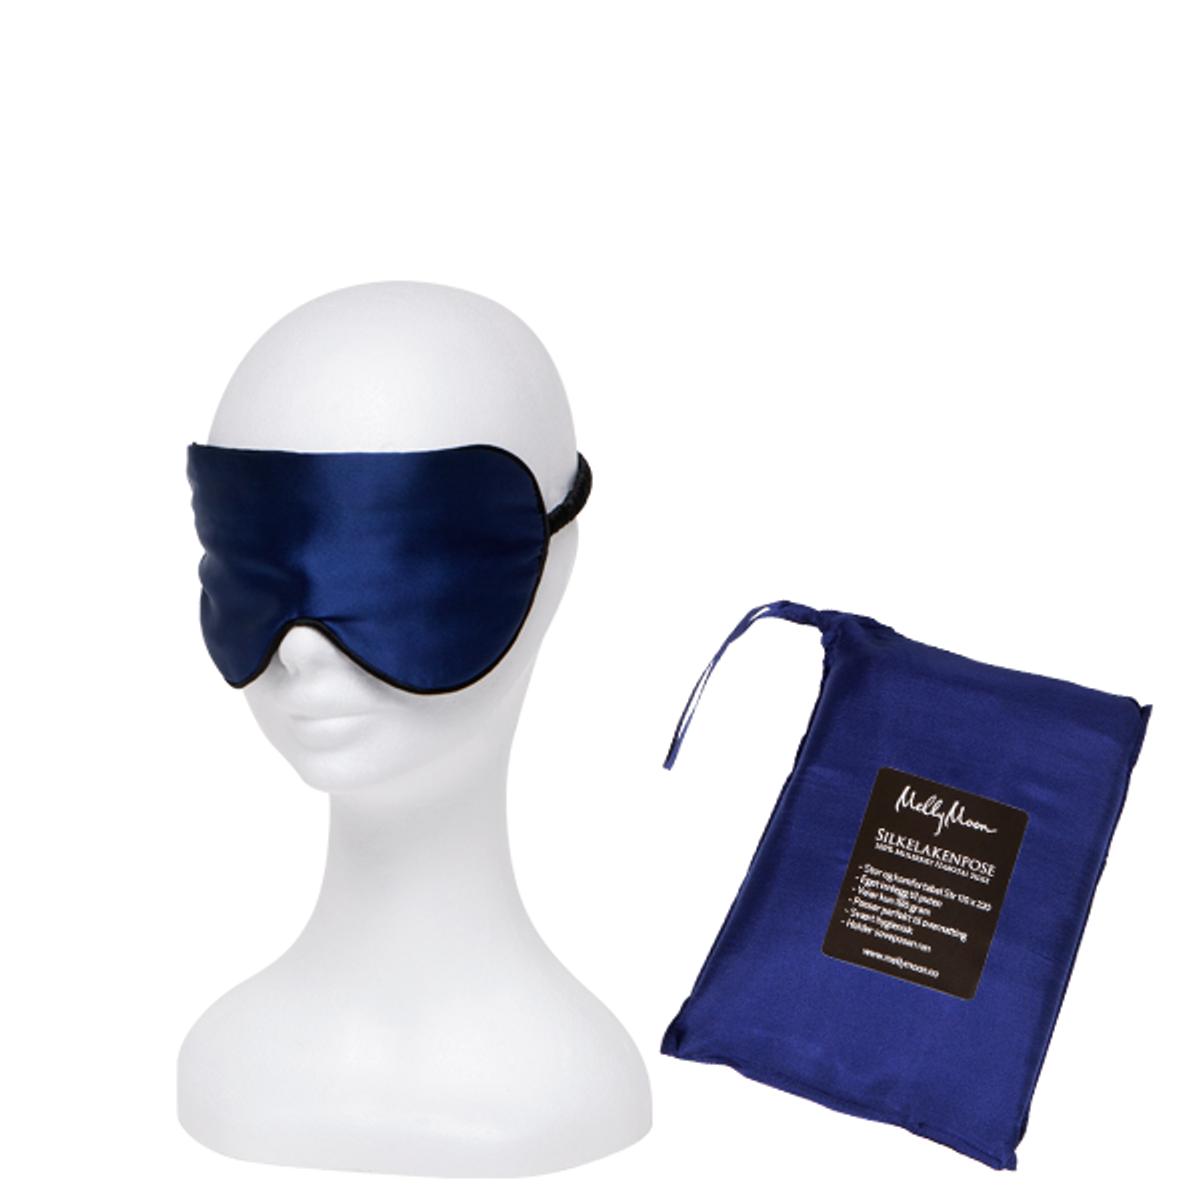 Silkelakenpose - blå pakke